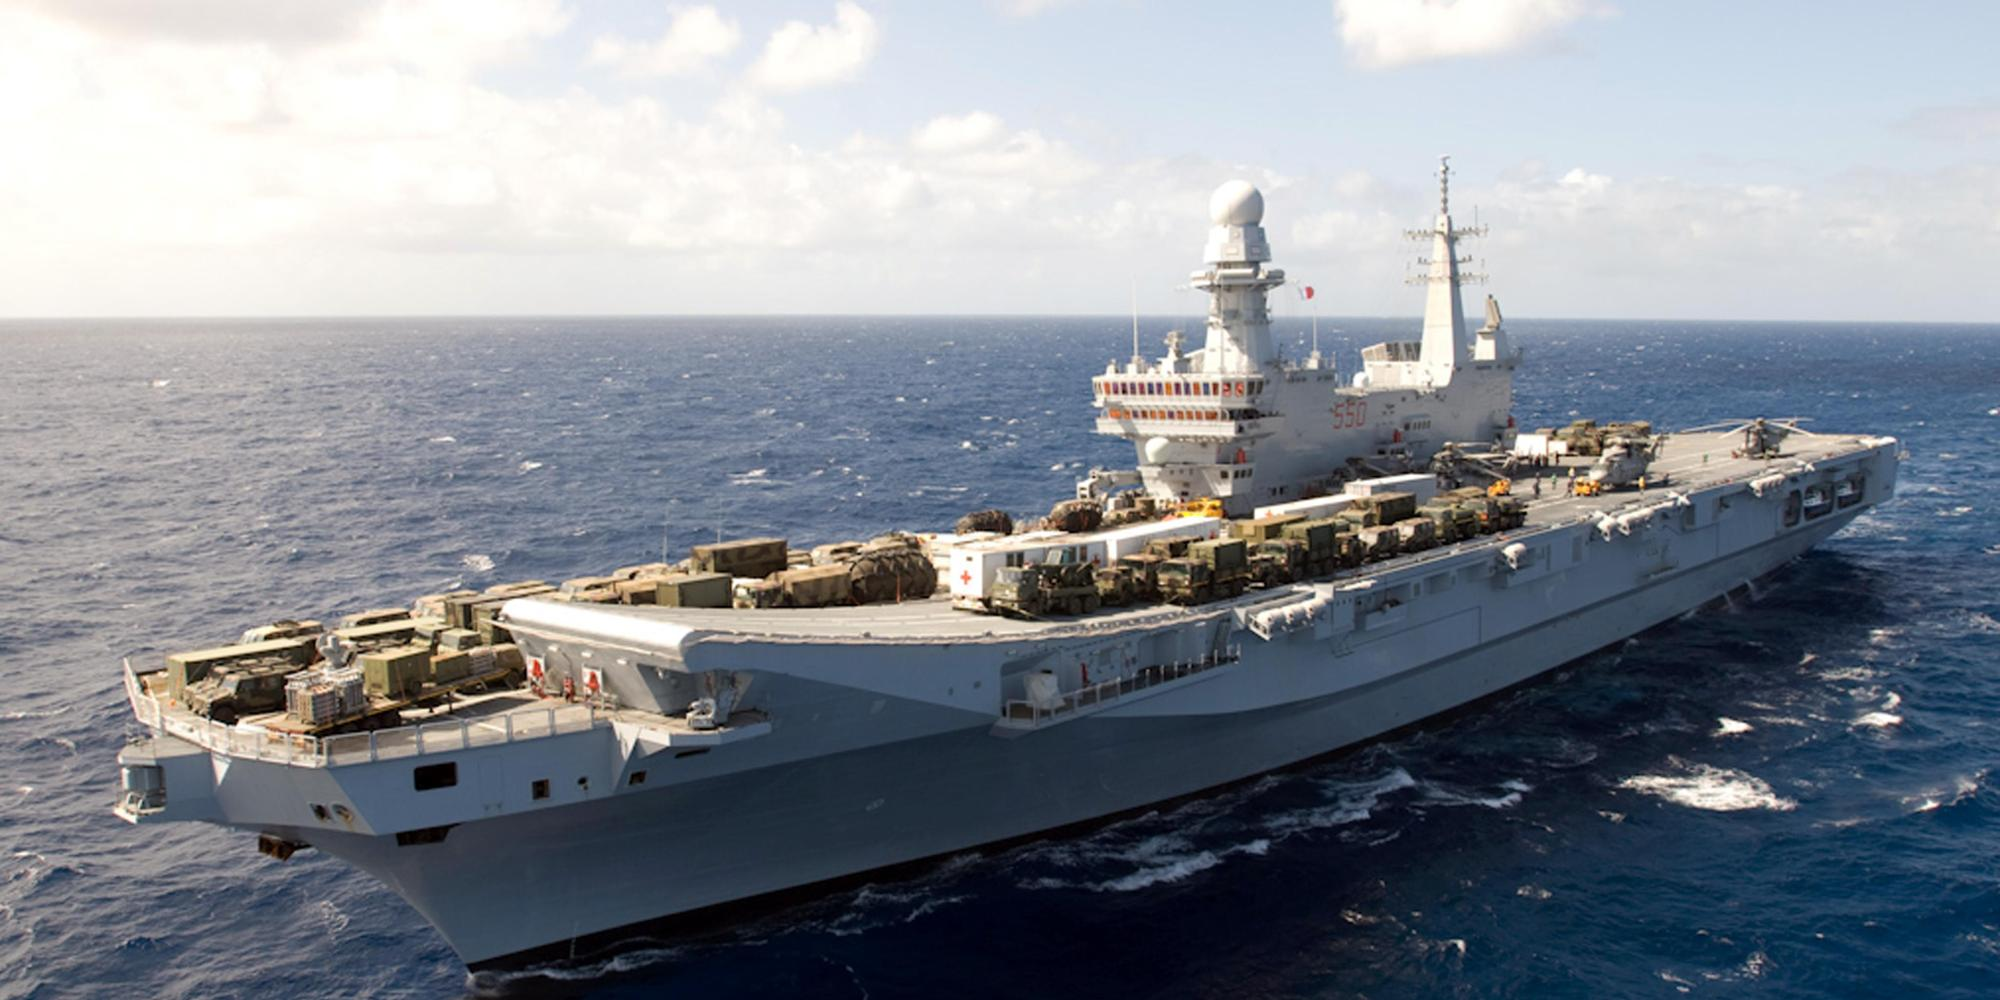 Sel denuncia la marina militare porta le eccellenze - Nave portaerei ...